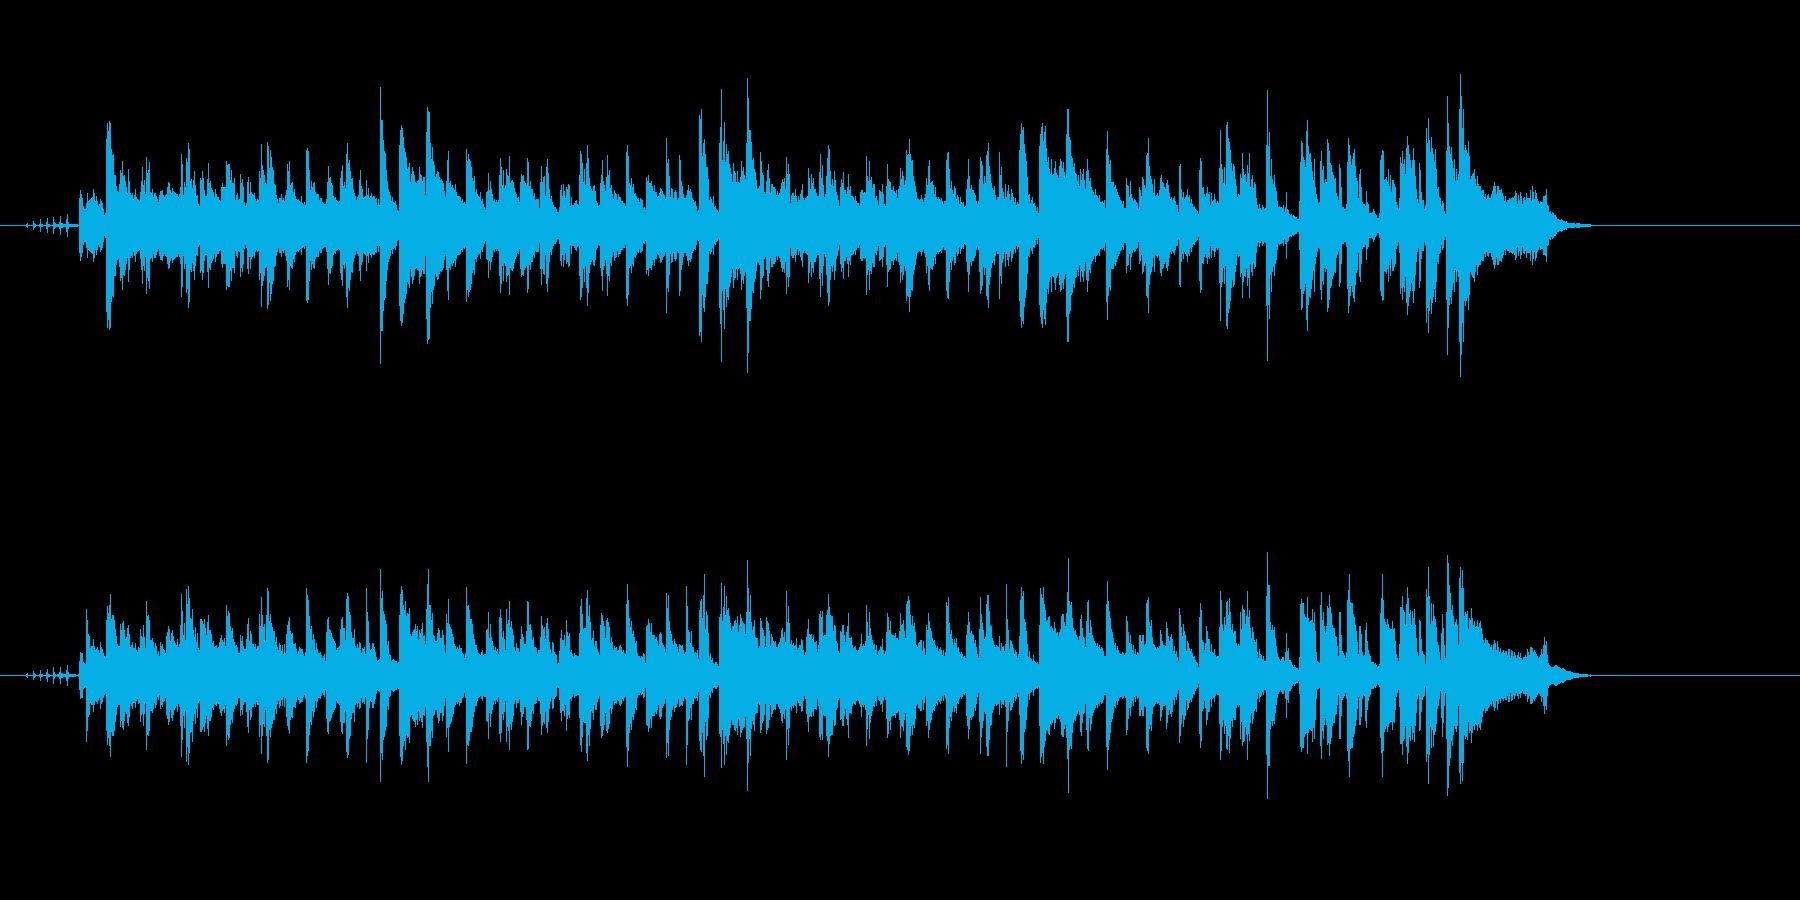 オーソドックスで洒落たロッキン・ブルースの再生済みの波形